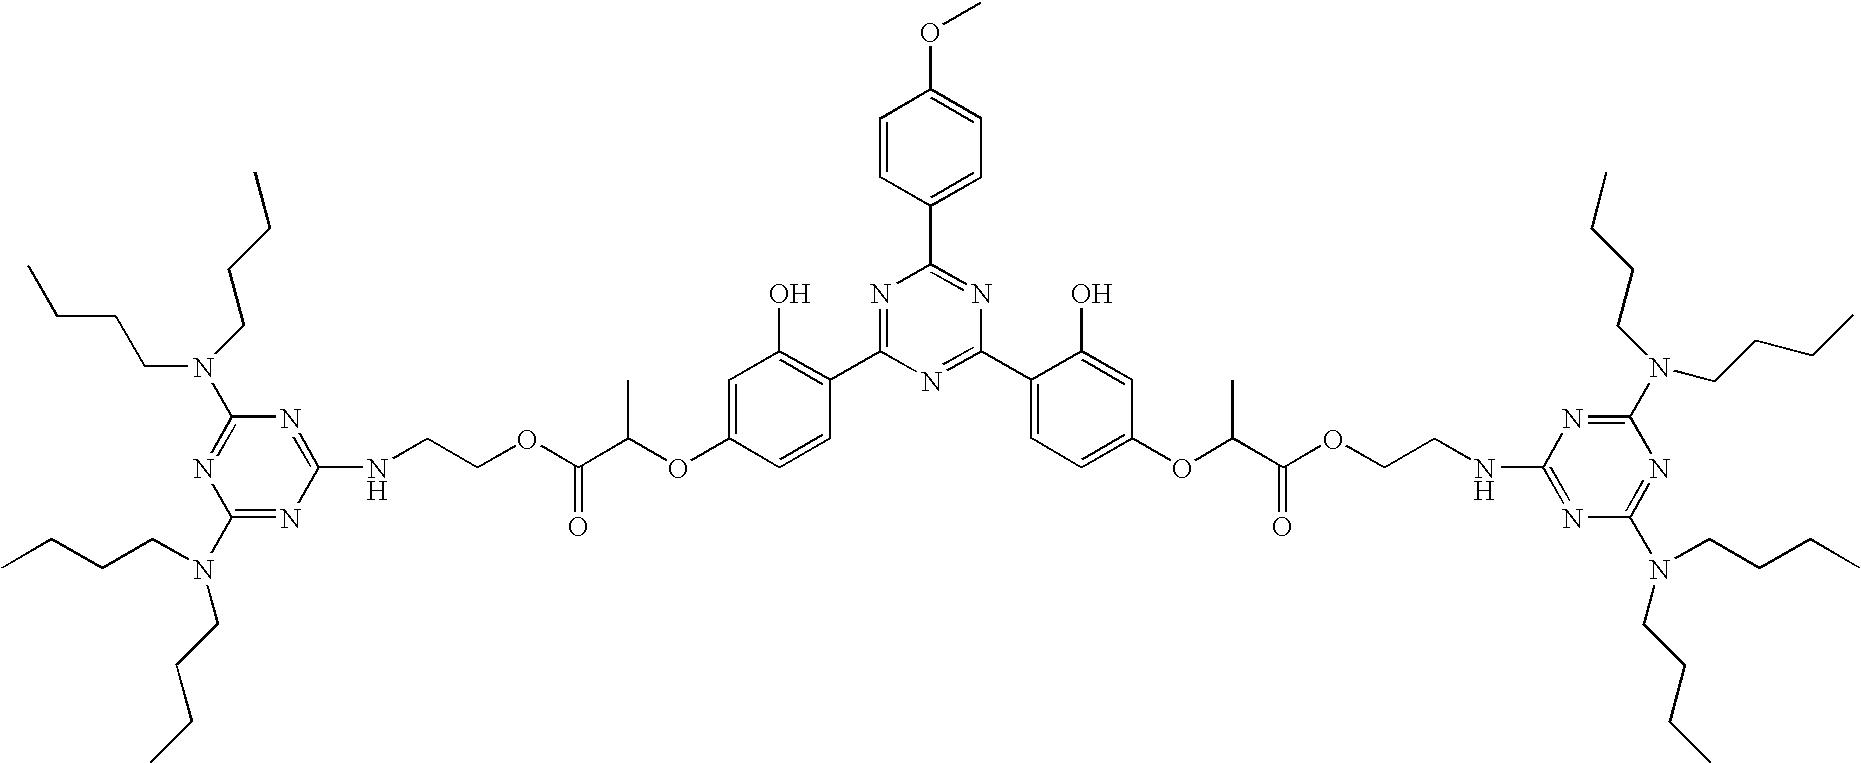 Figure US07294714-20071113-C00034